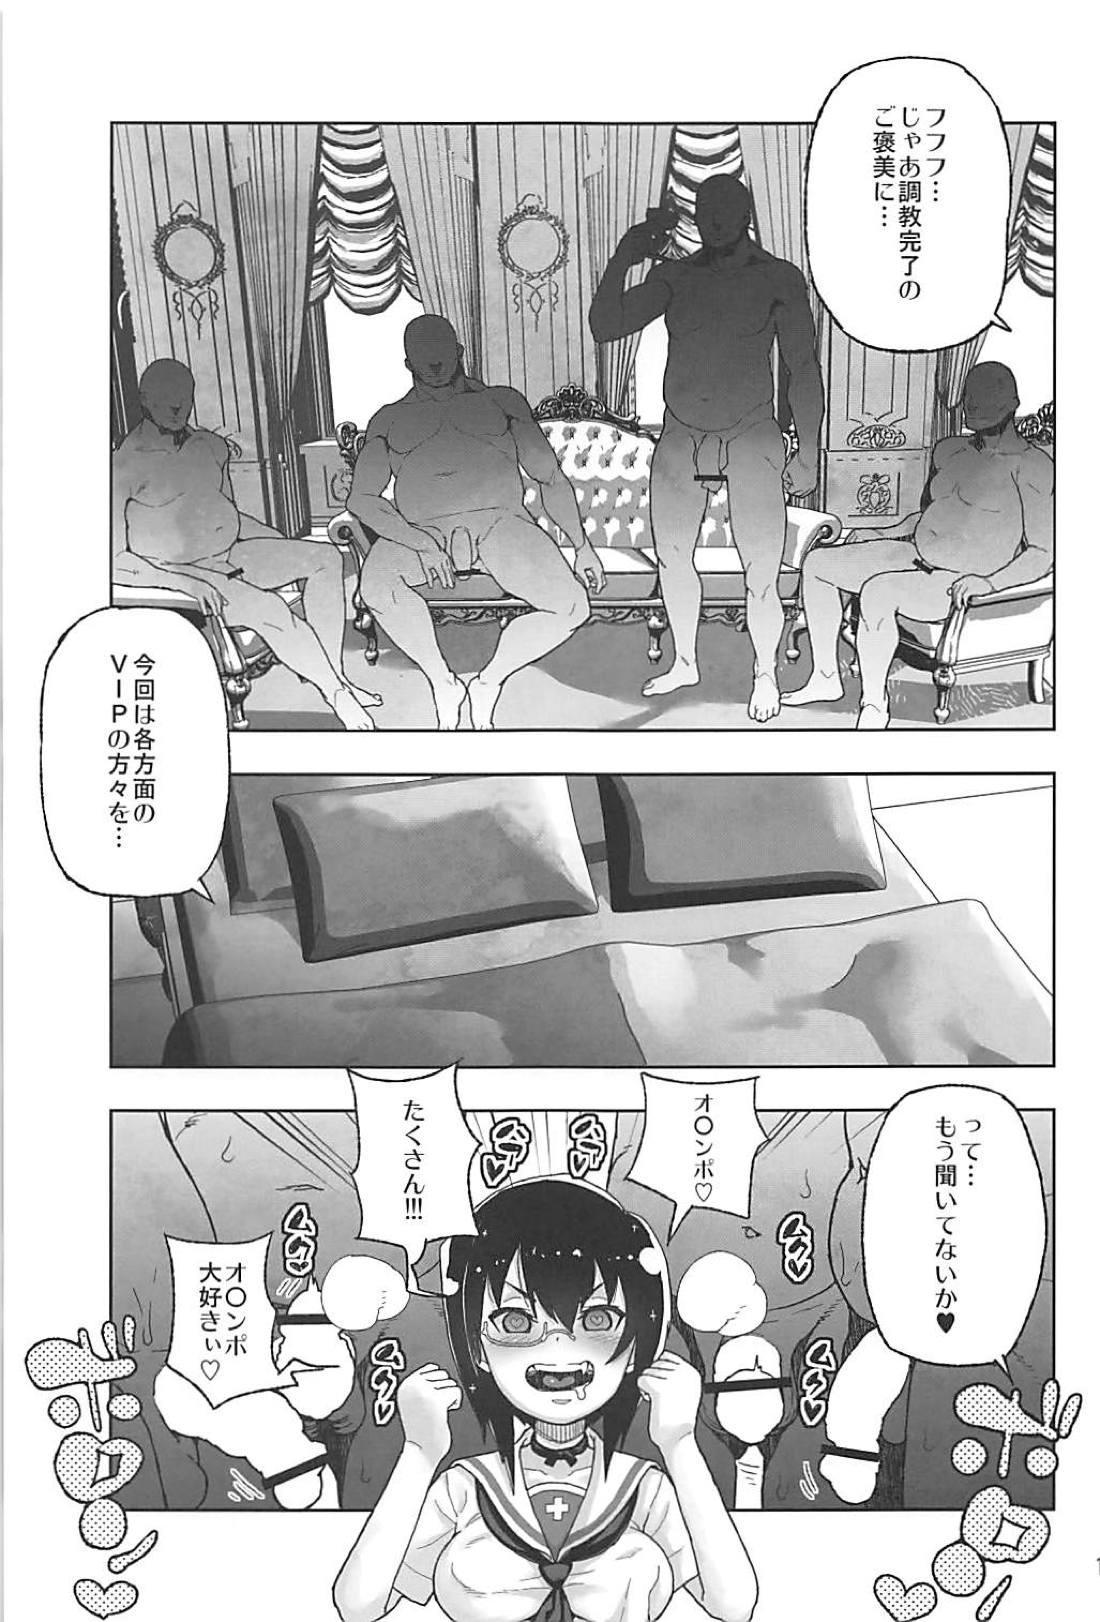 Houshu to Shite wa Kusozako dakedo, Chinpou no Atsukai dake wa Tottemo Jouzu na Momo-chan 13